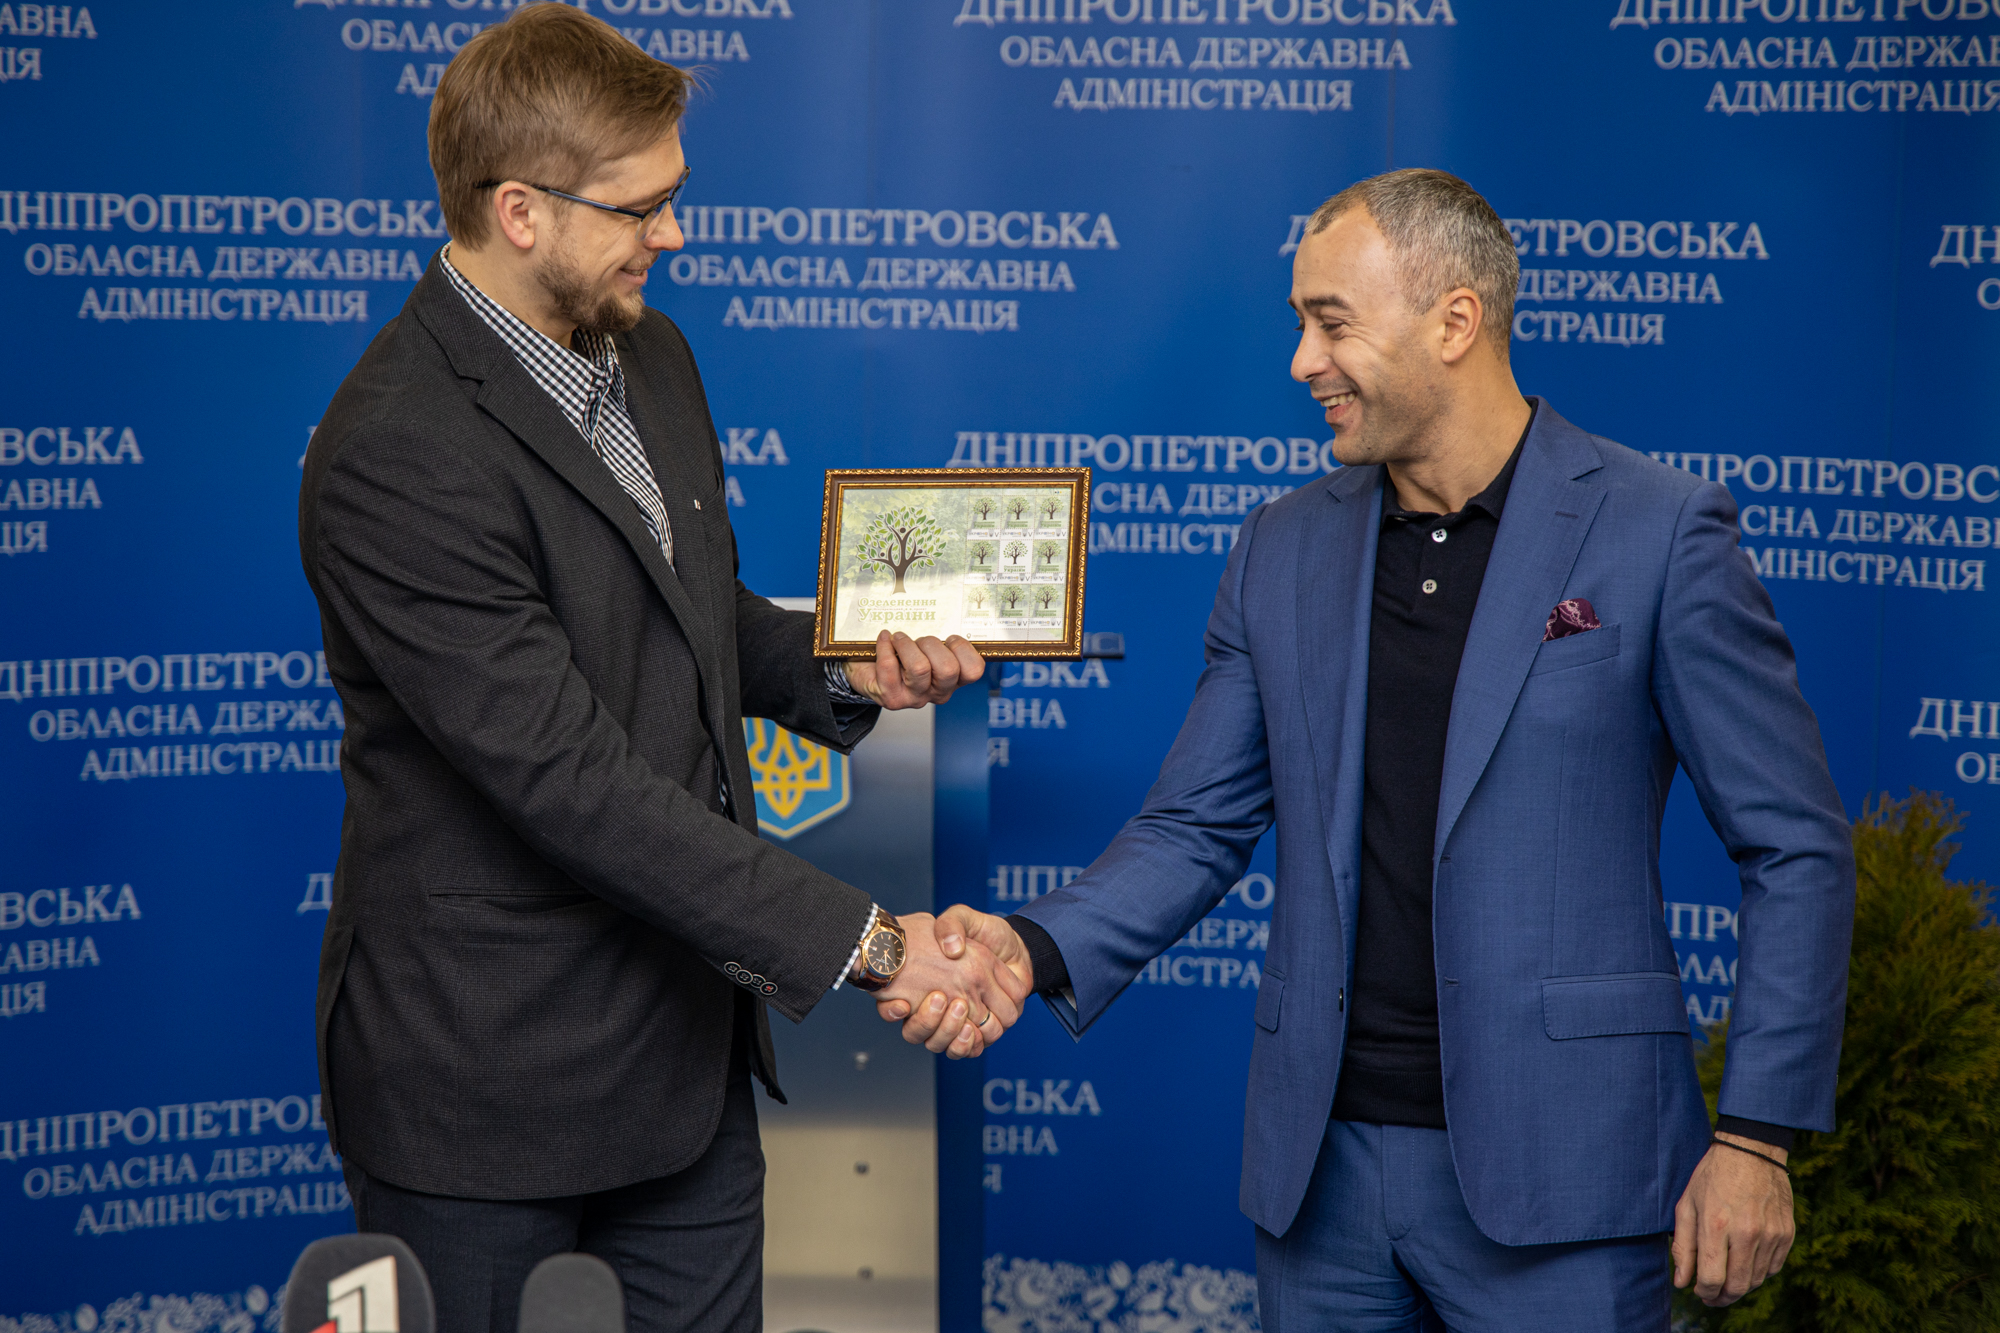 Новости Днепра про Днепропетровская область присоединилась к национальному проекту по озеленению Украины